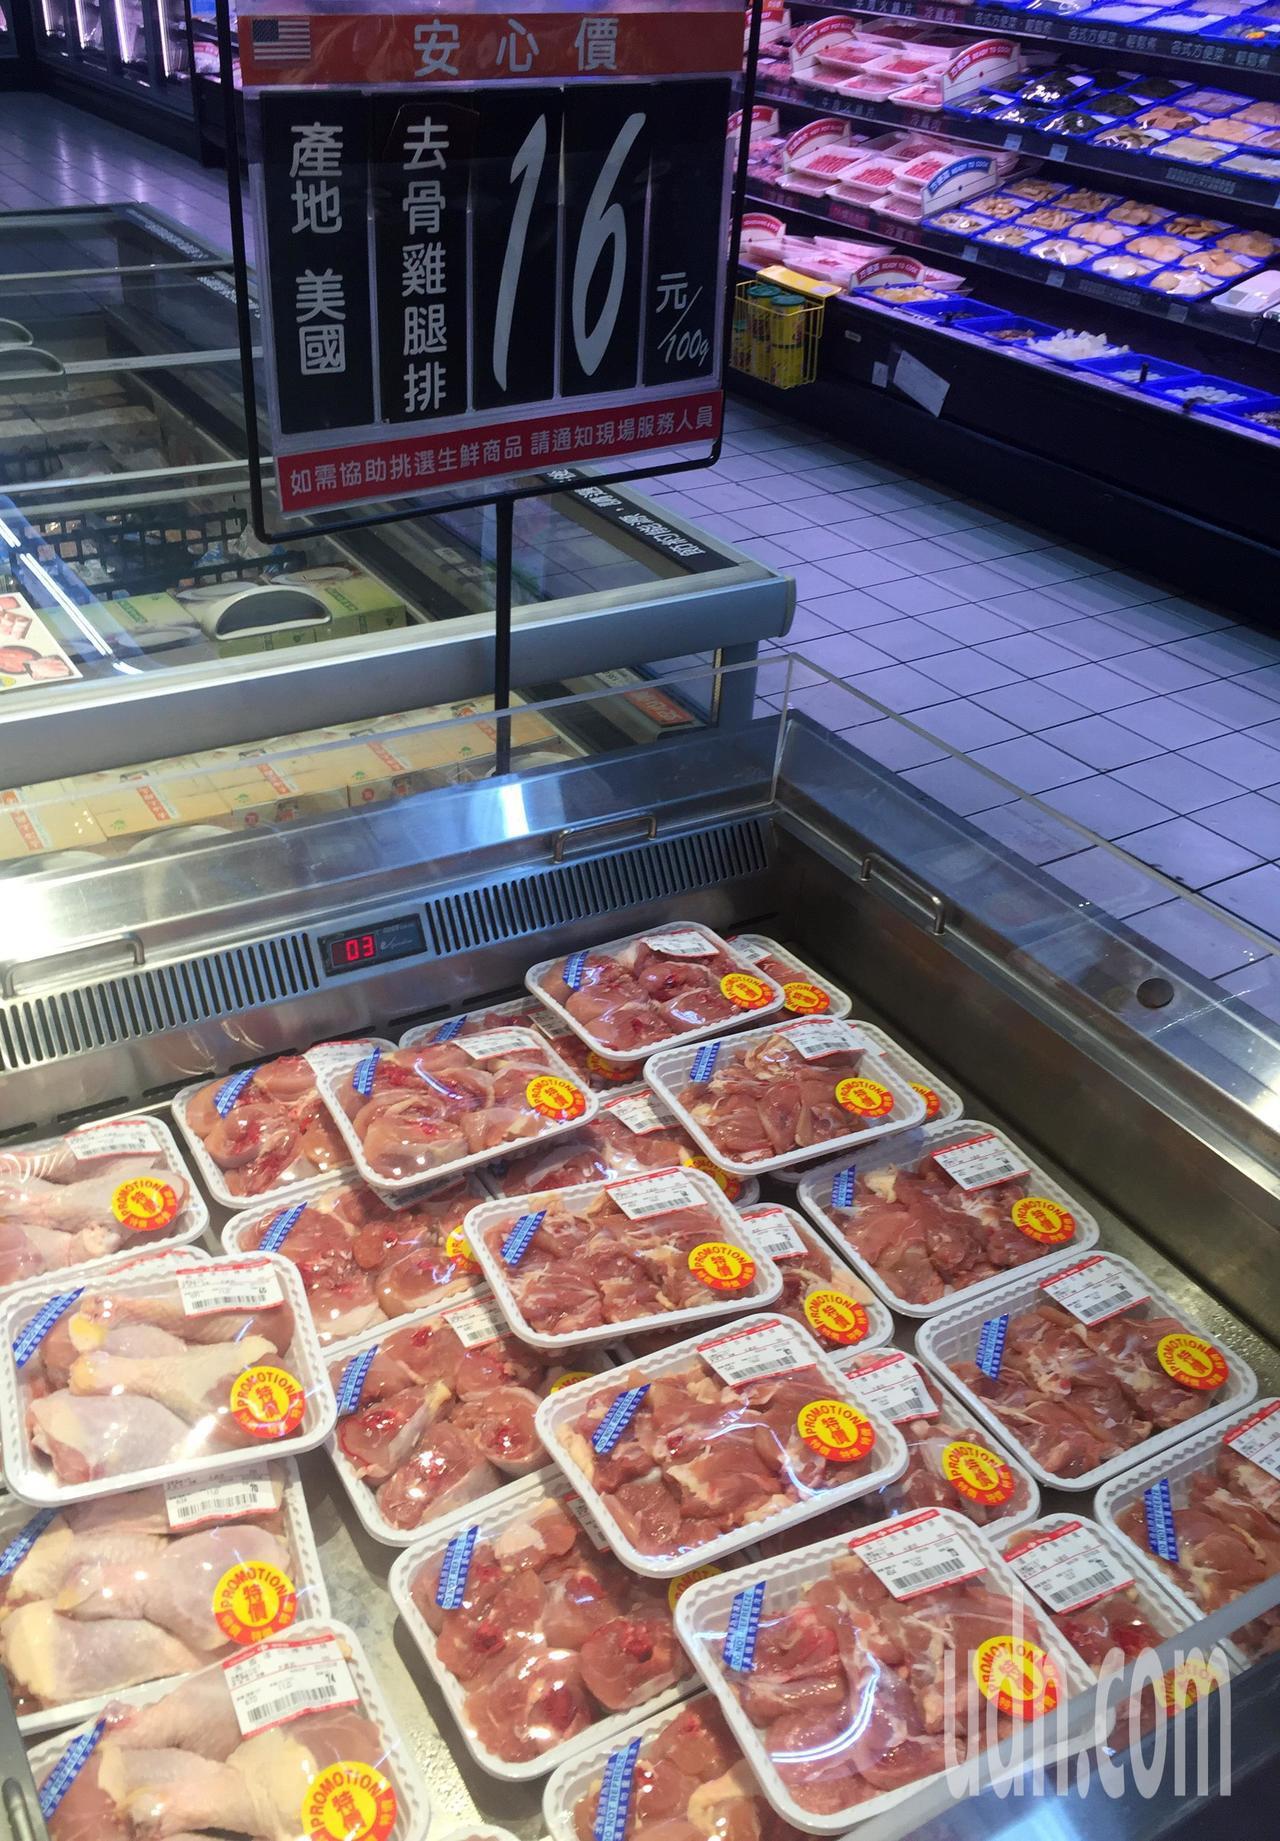 養雞業者認為,政府須規範食品須載明是國產或進口、避免混充,才能真正保障消費者。本...